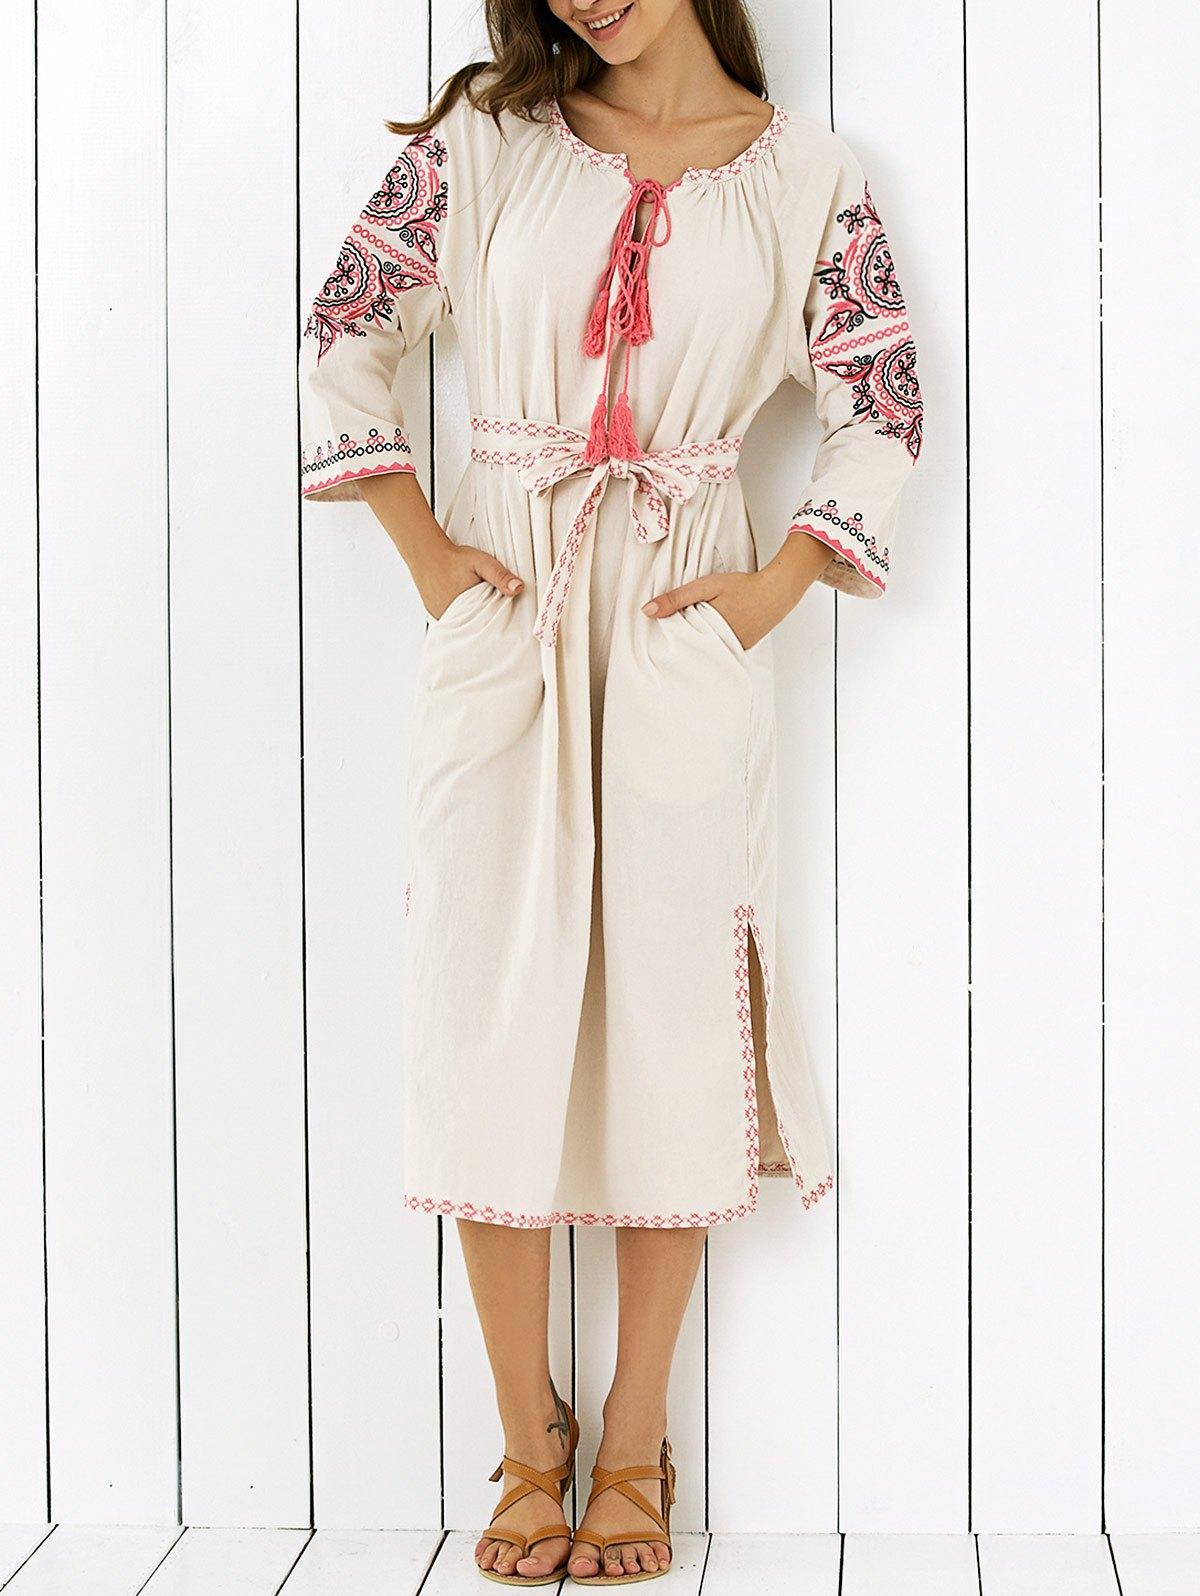 Embroidered V Neck Side Slit Maxi Dress 192800701